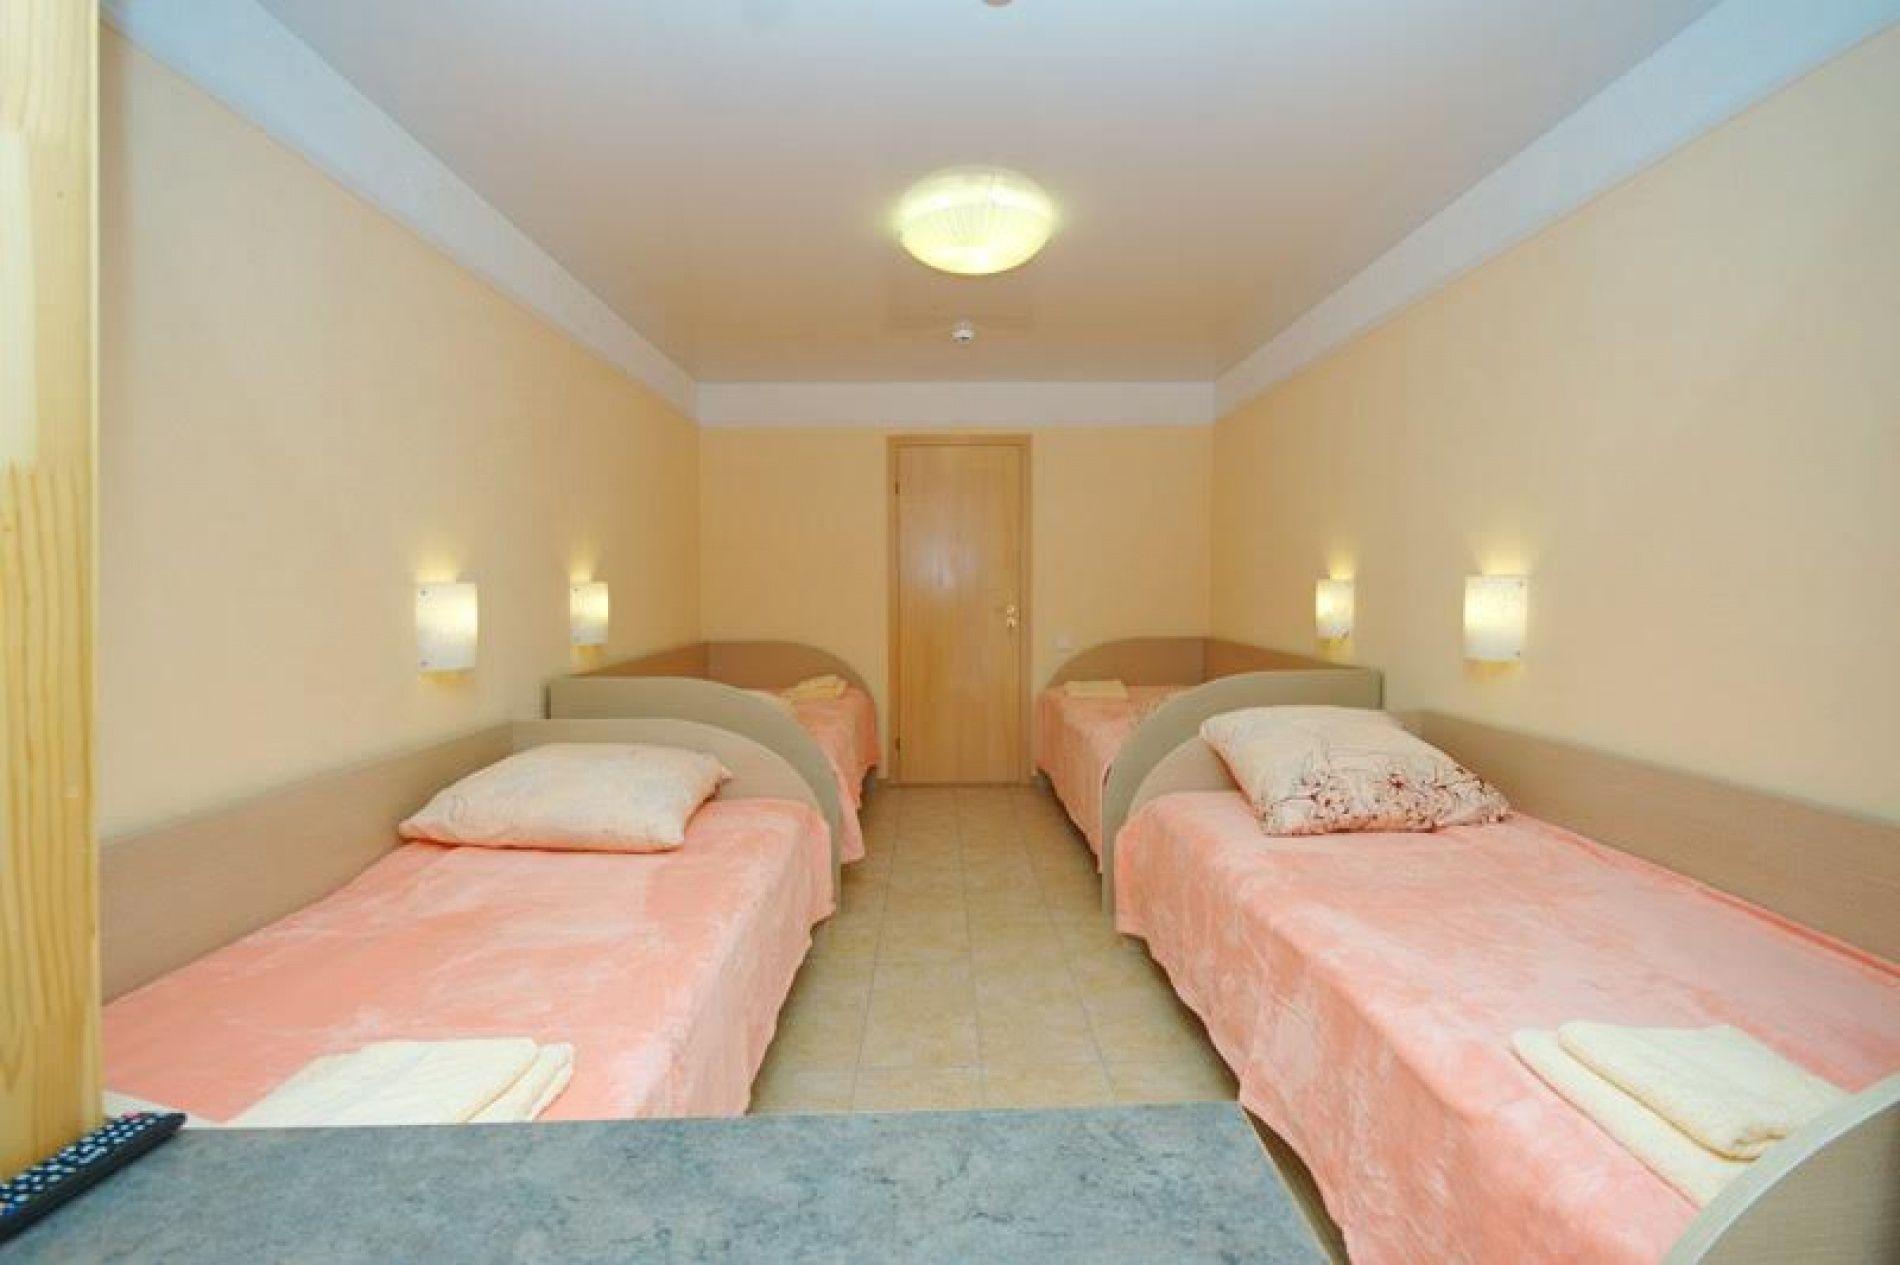 База отдыха «Уютная» Ульяновская область 4-х местный номер, фото 1